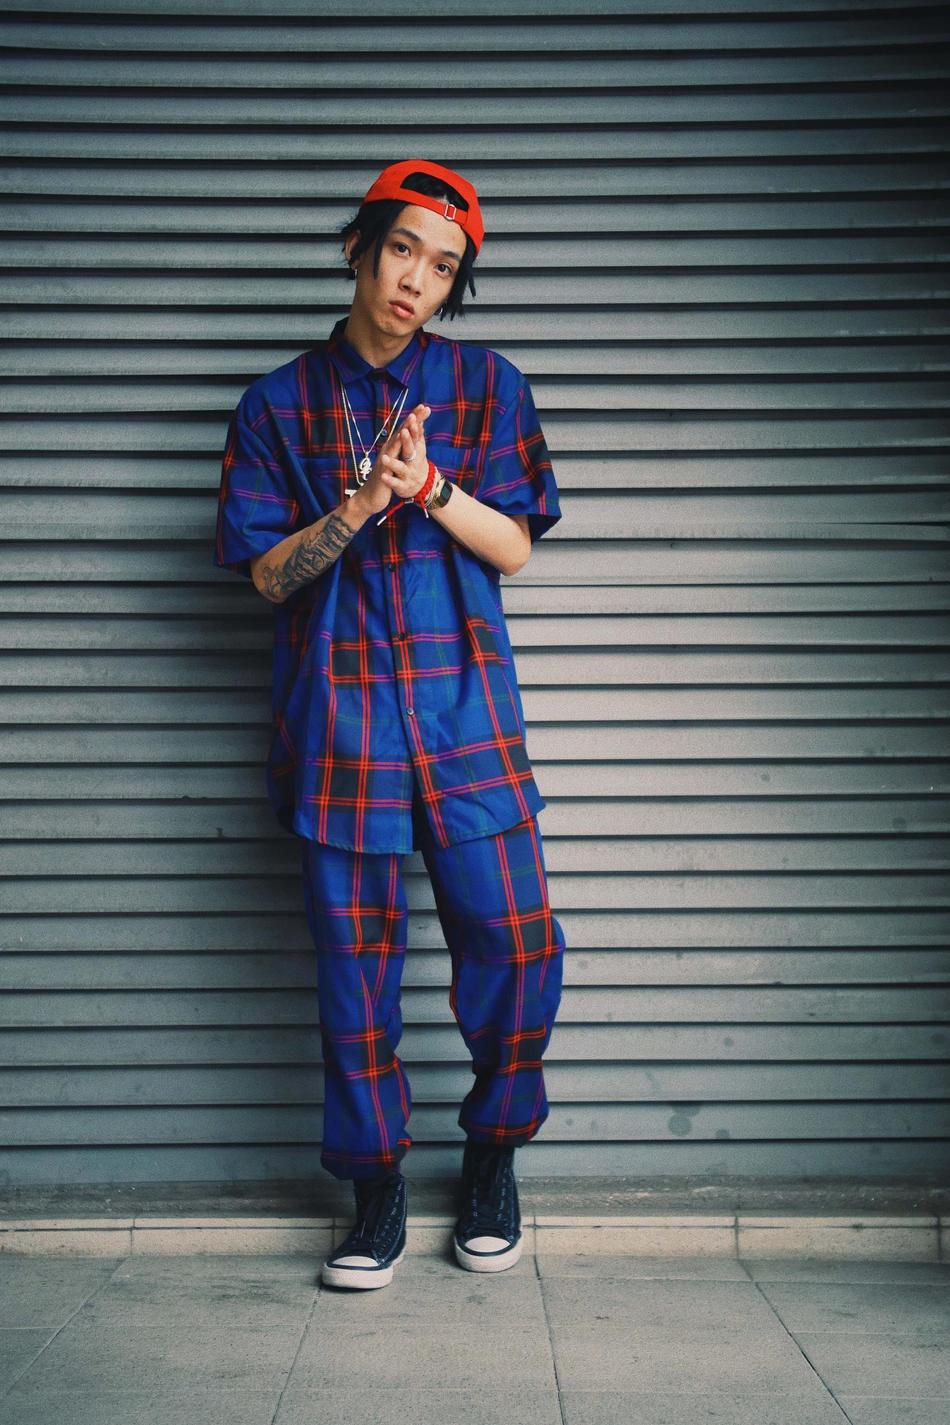 娱乐讯 近日,摩登天空嘻哈厂牌MDSK旗下说唱艺人Tizzy T发布了全